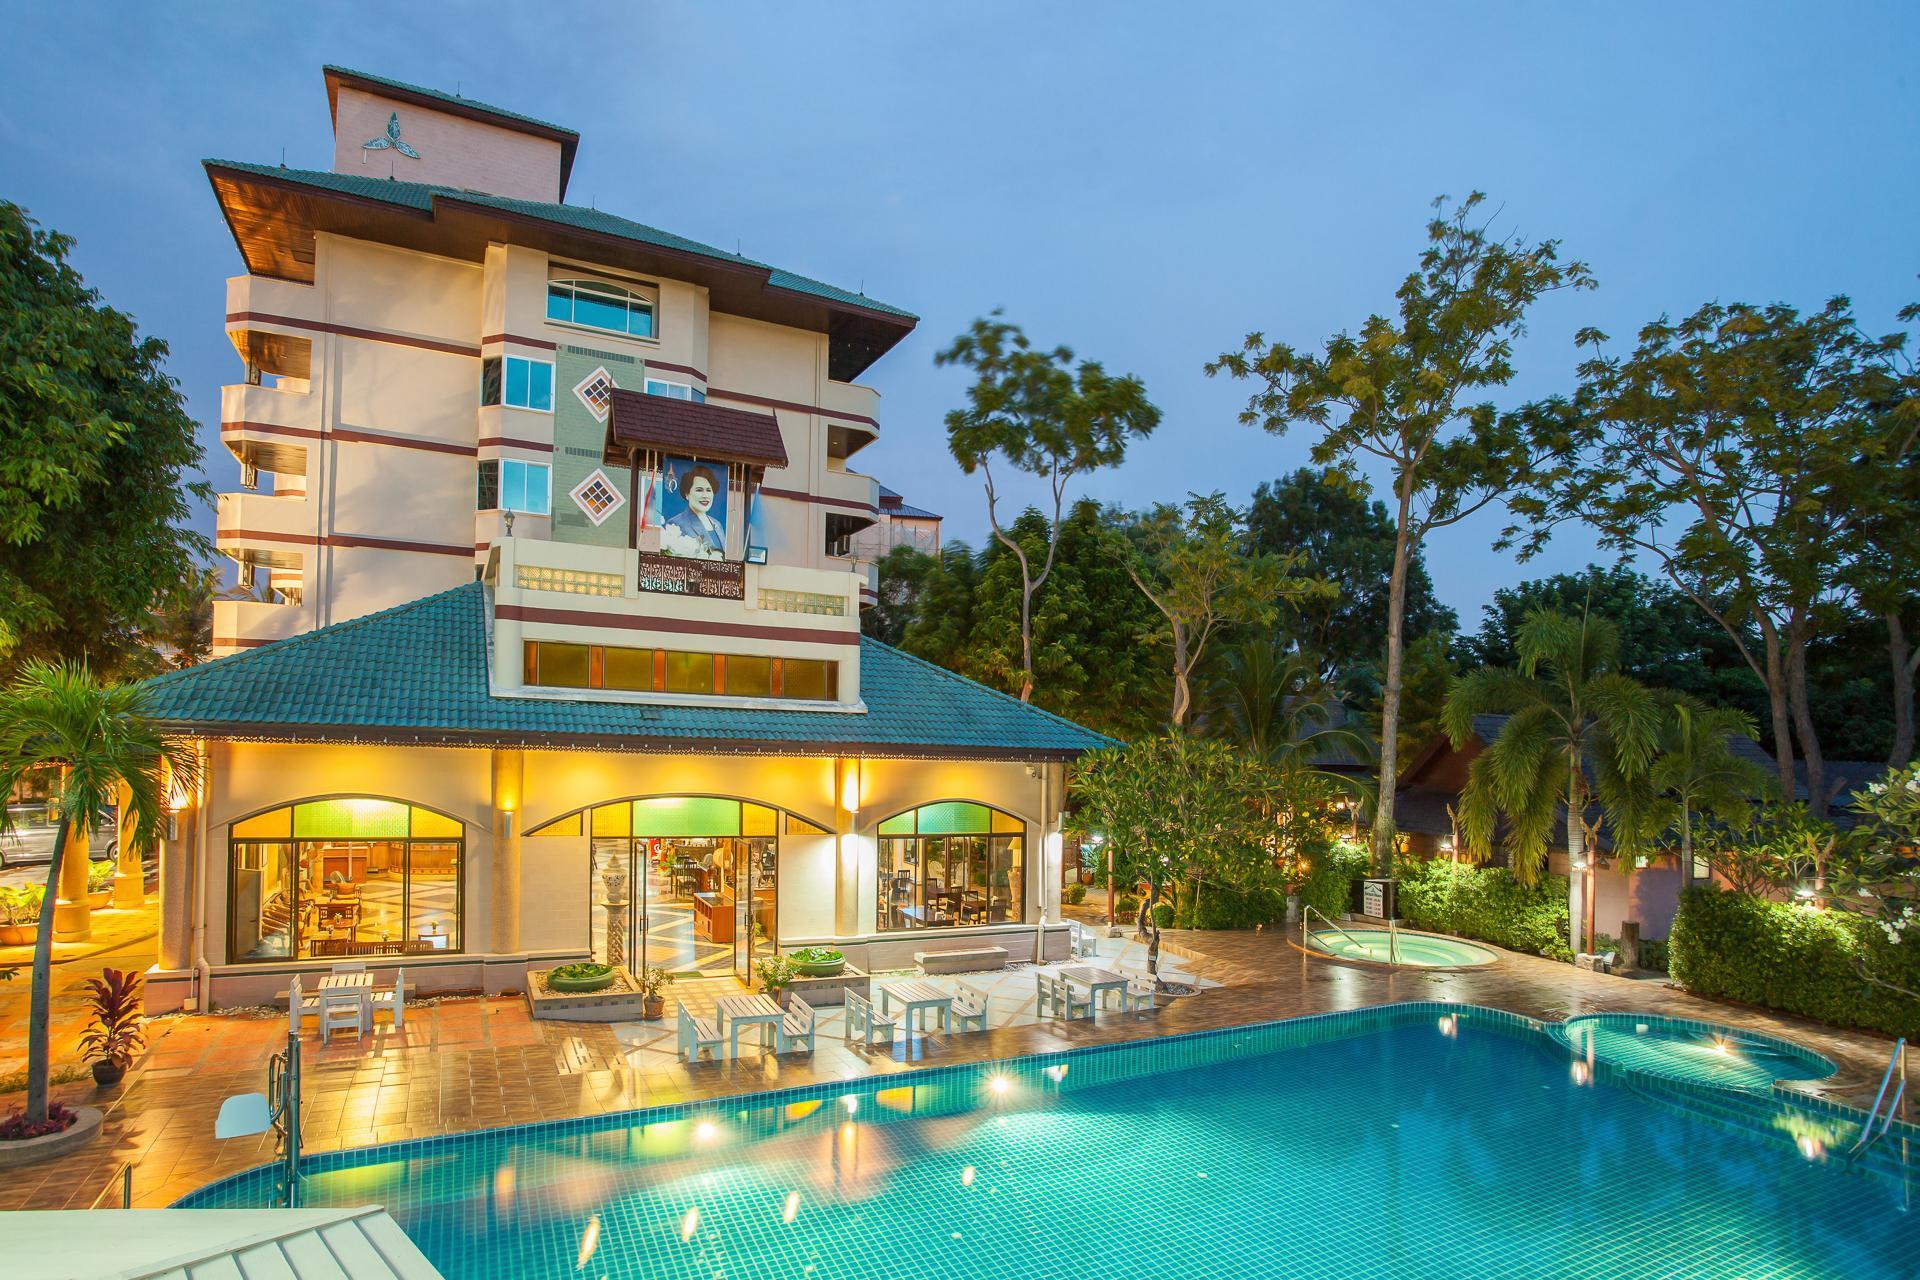 Diana Grand Hotel&Resort ไดอานา แกรนด์ โฮเต็ลแอนด์รีสอร์ต